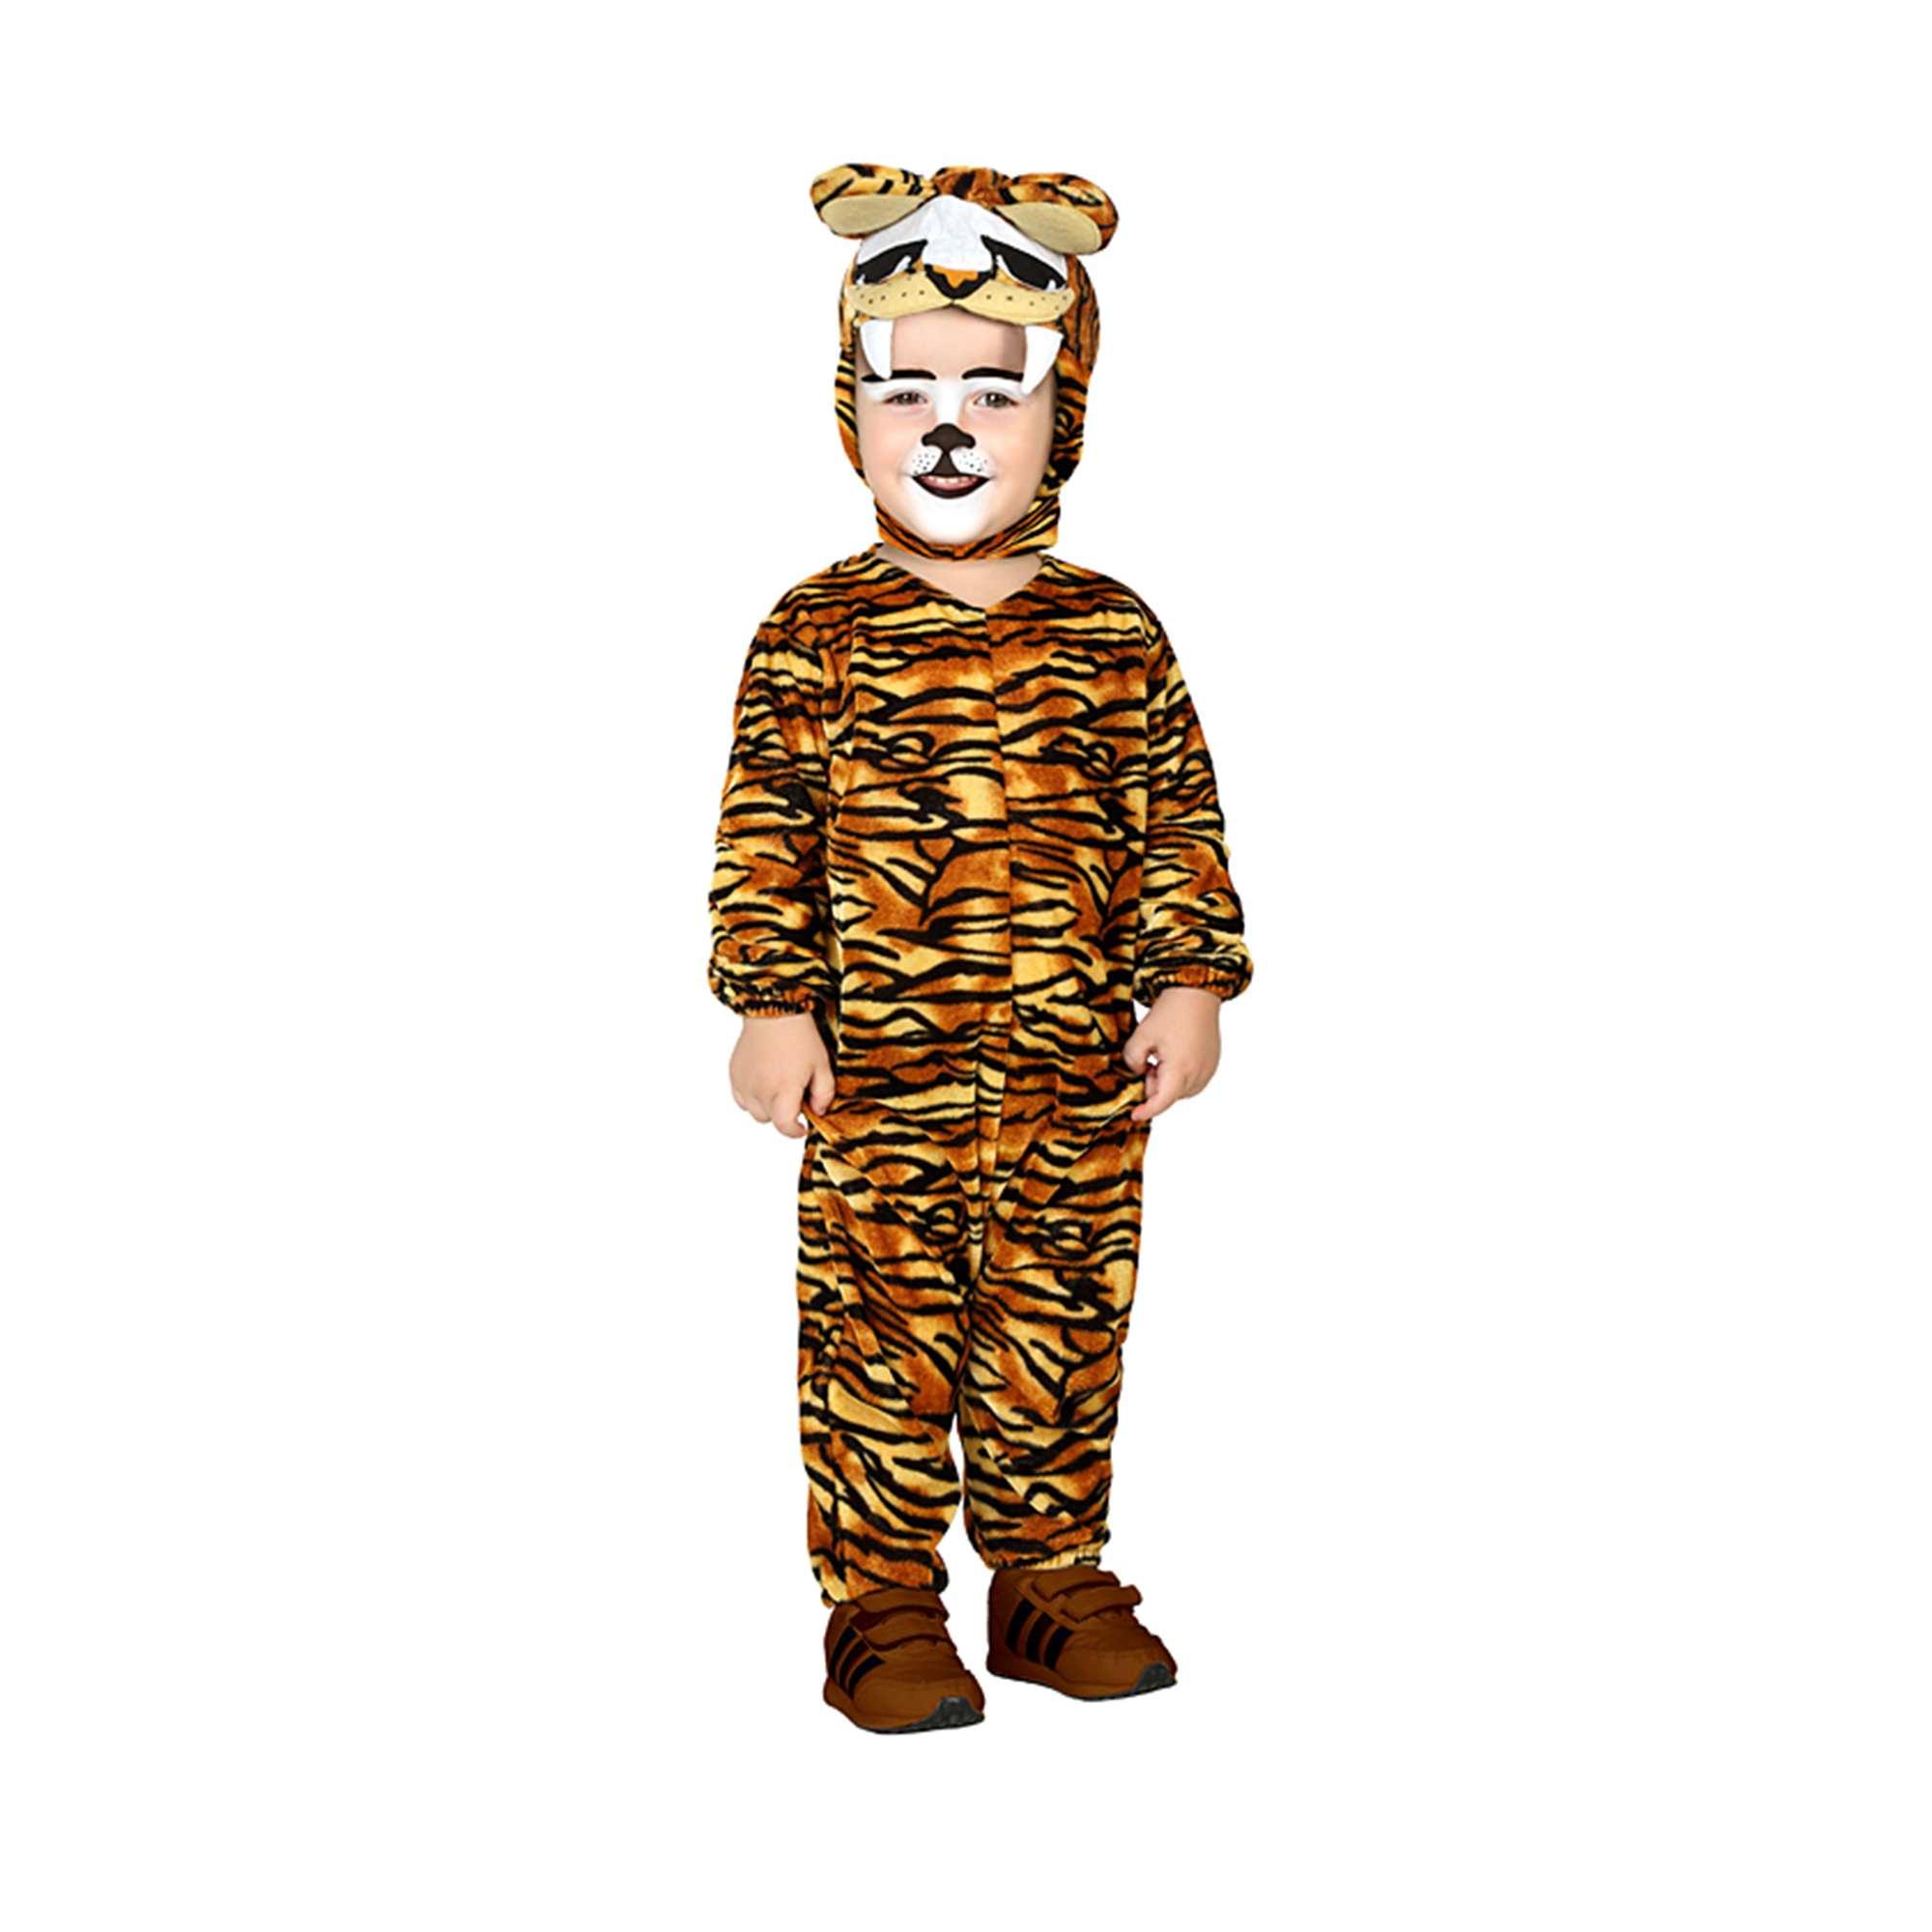 Couleur : marron/jaune, , ,, - Taille : 0/6M, 6/12M, 12/24M,,Il va adorer jouer les terreurs de la jungle ! - Combinaison en polyester - Motifs